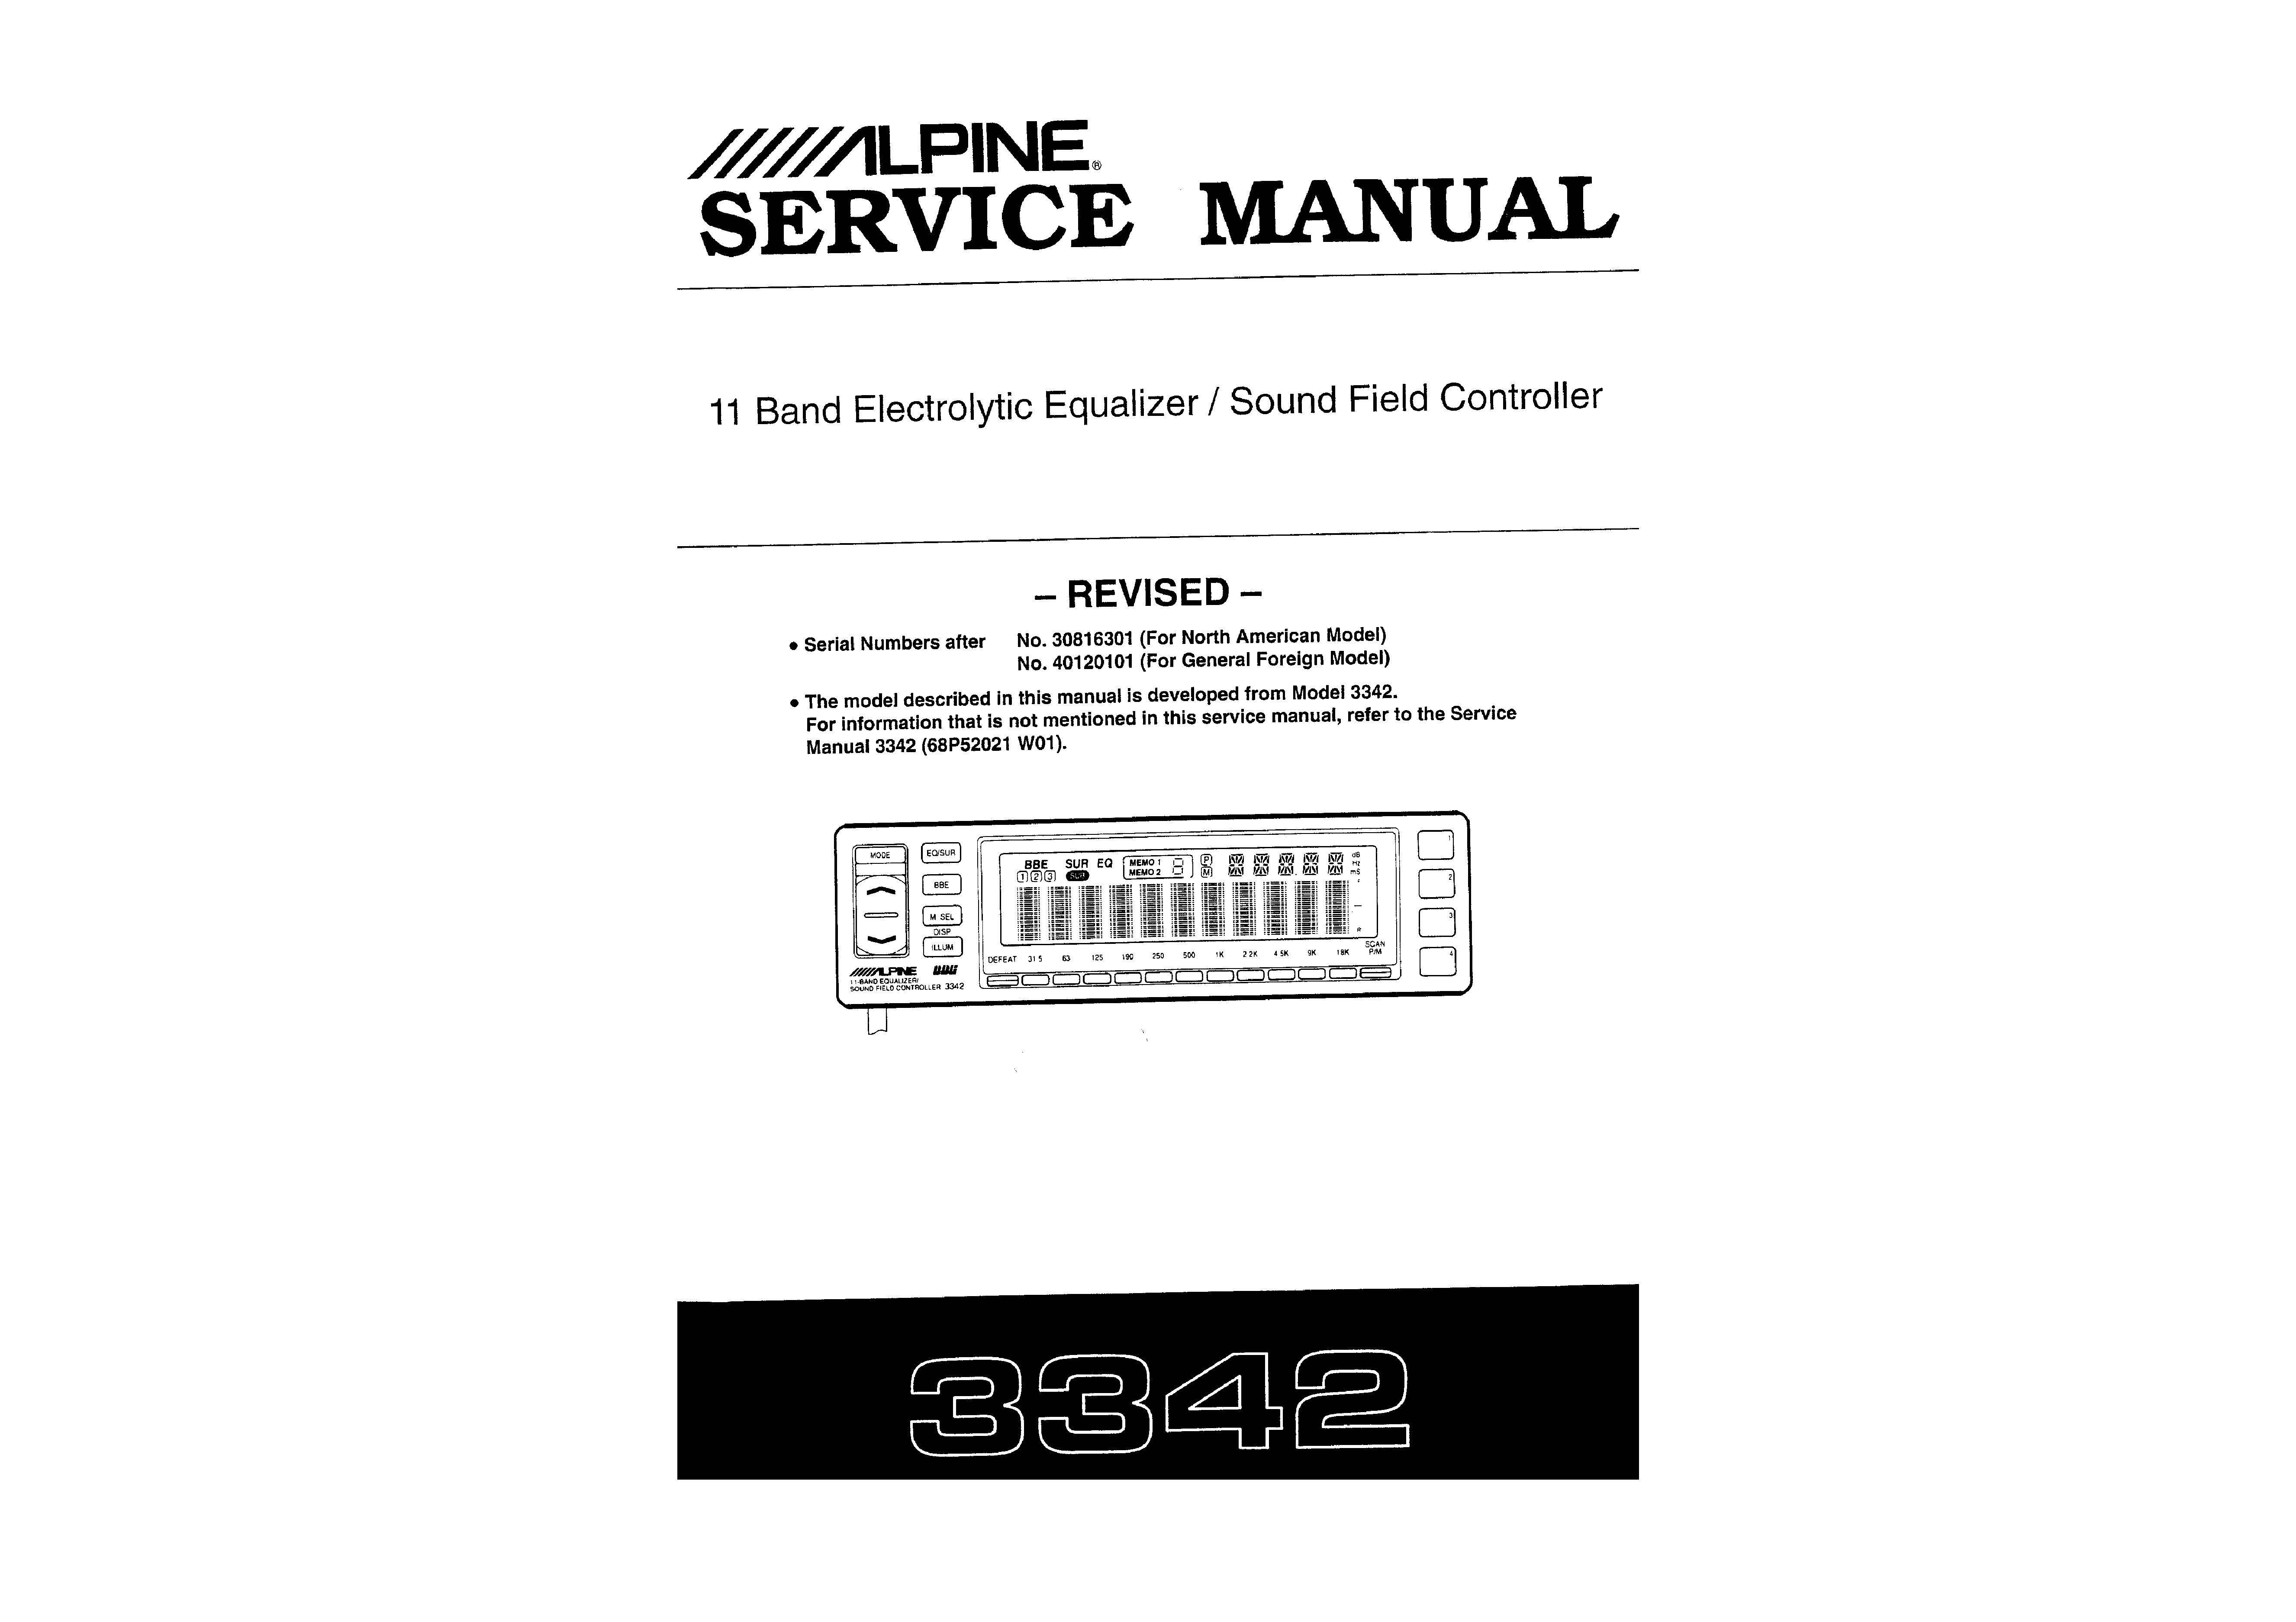 Alpine 3552 Manual Iva D100 Wiring Diagram Array For Rh Signaturepedagogies Org Uk